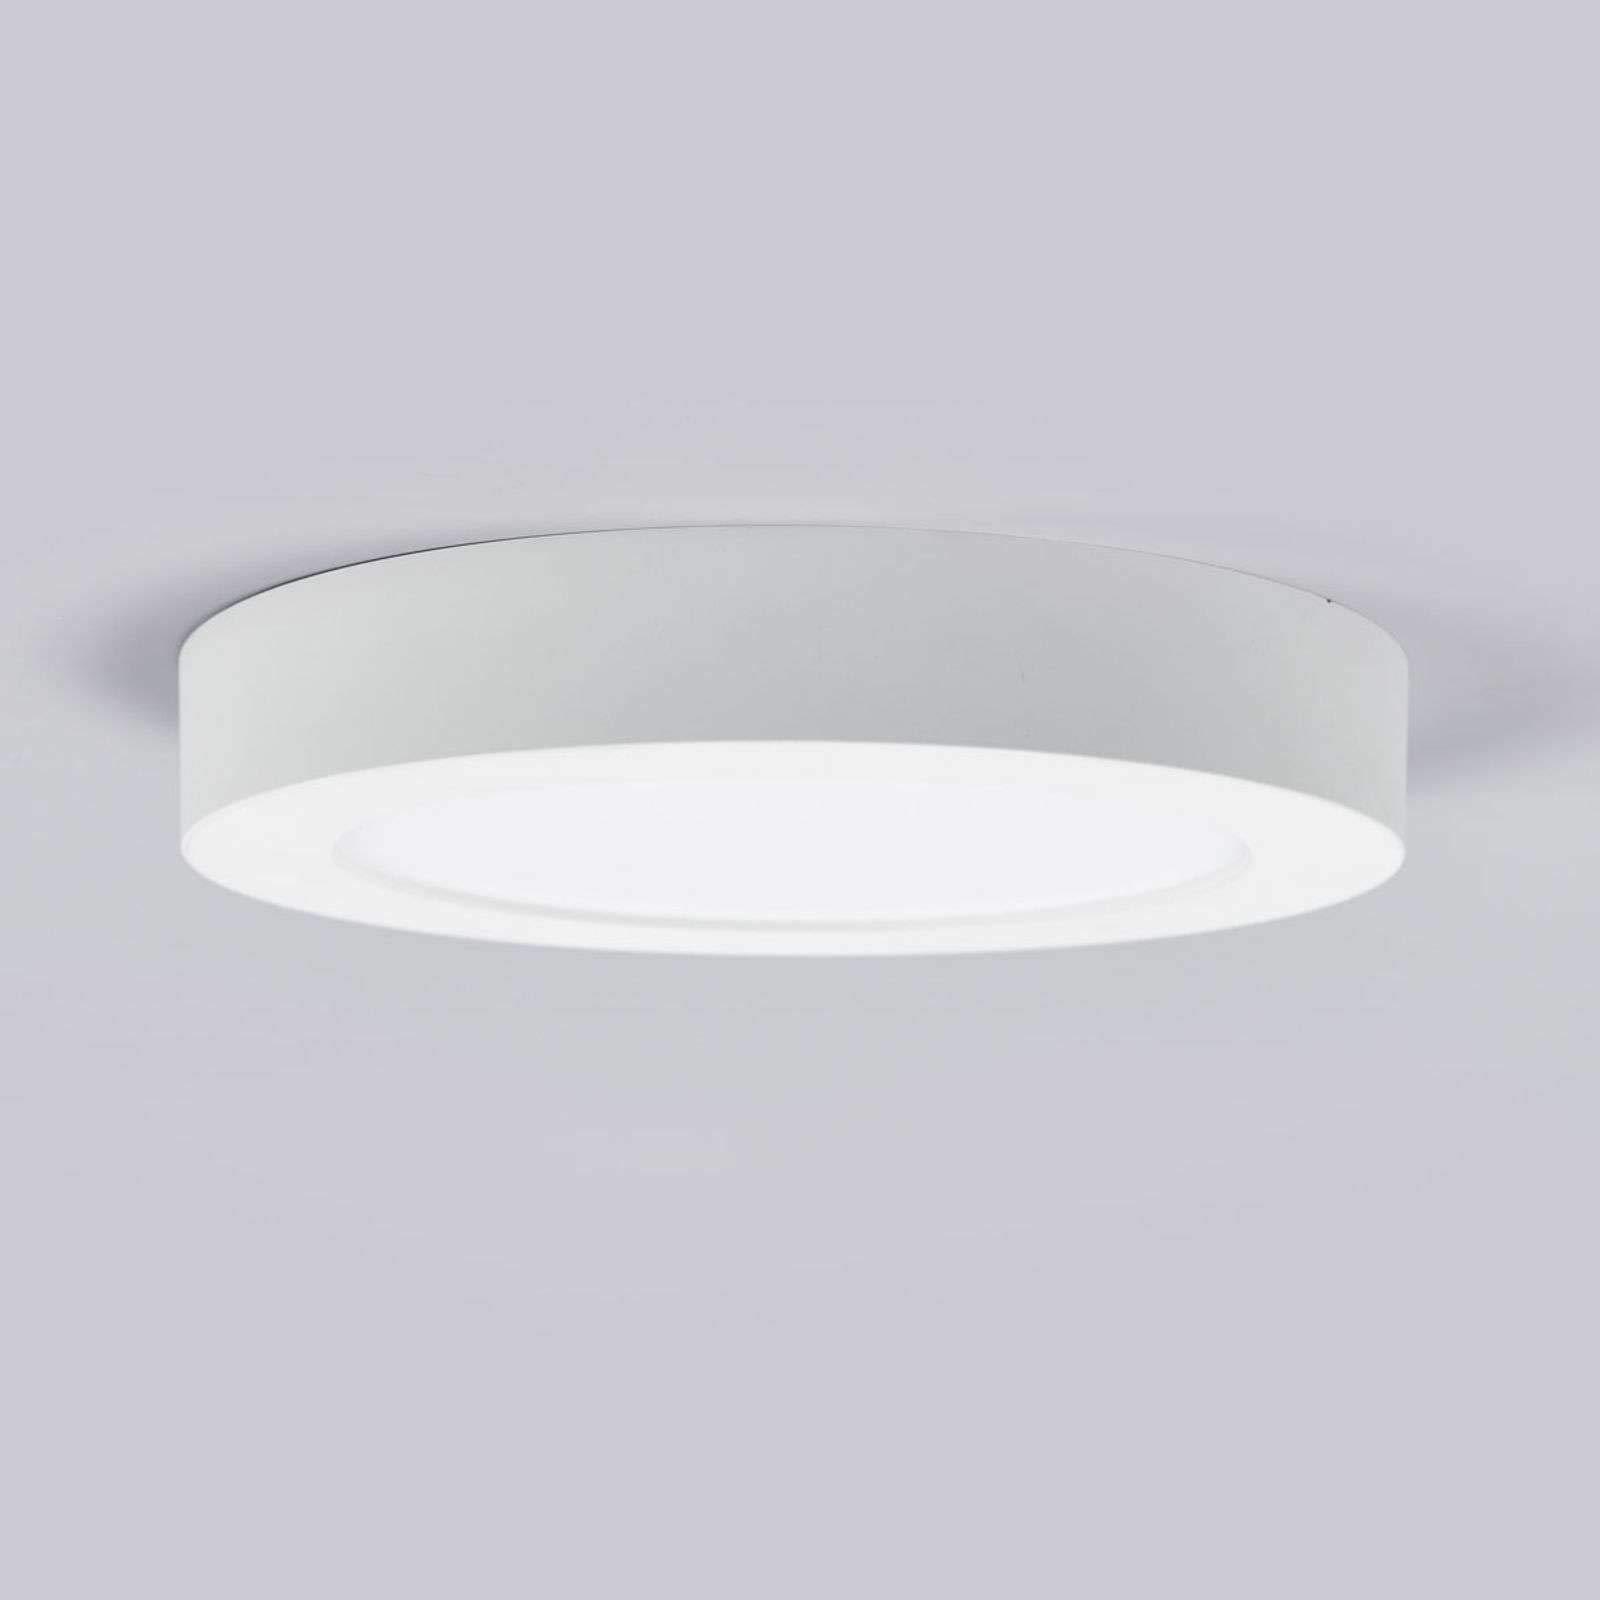 Full Size of Deckenlampe Bad Deckenleuchte Badezimmer Led Obi Ikea Design Ip44 Ip Holz Rund Deckenlampen Hotels Reichenhall In Salzuflen Gestalten Schimmel Im Entfernen Wohnzimmer Deckenlampe Bad